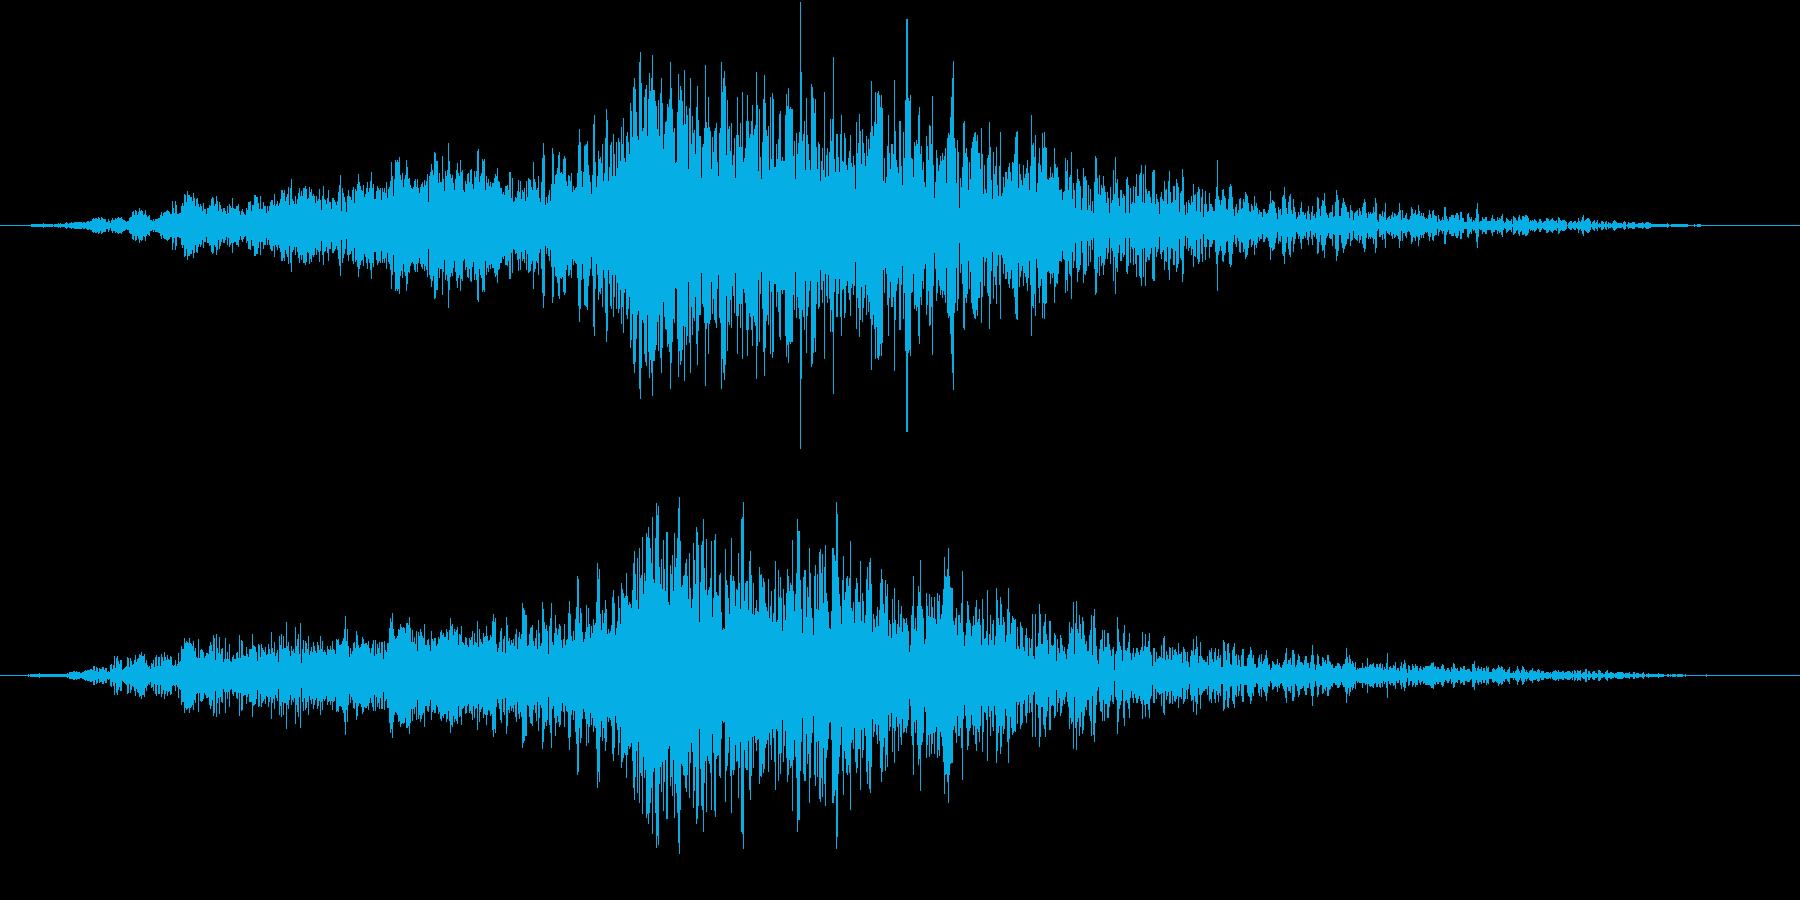 【ライザー】15 ホラーサウンド 危険の再生済みの波形